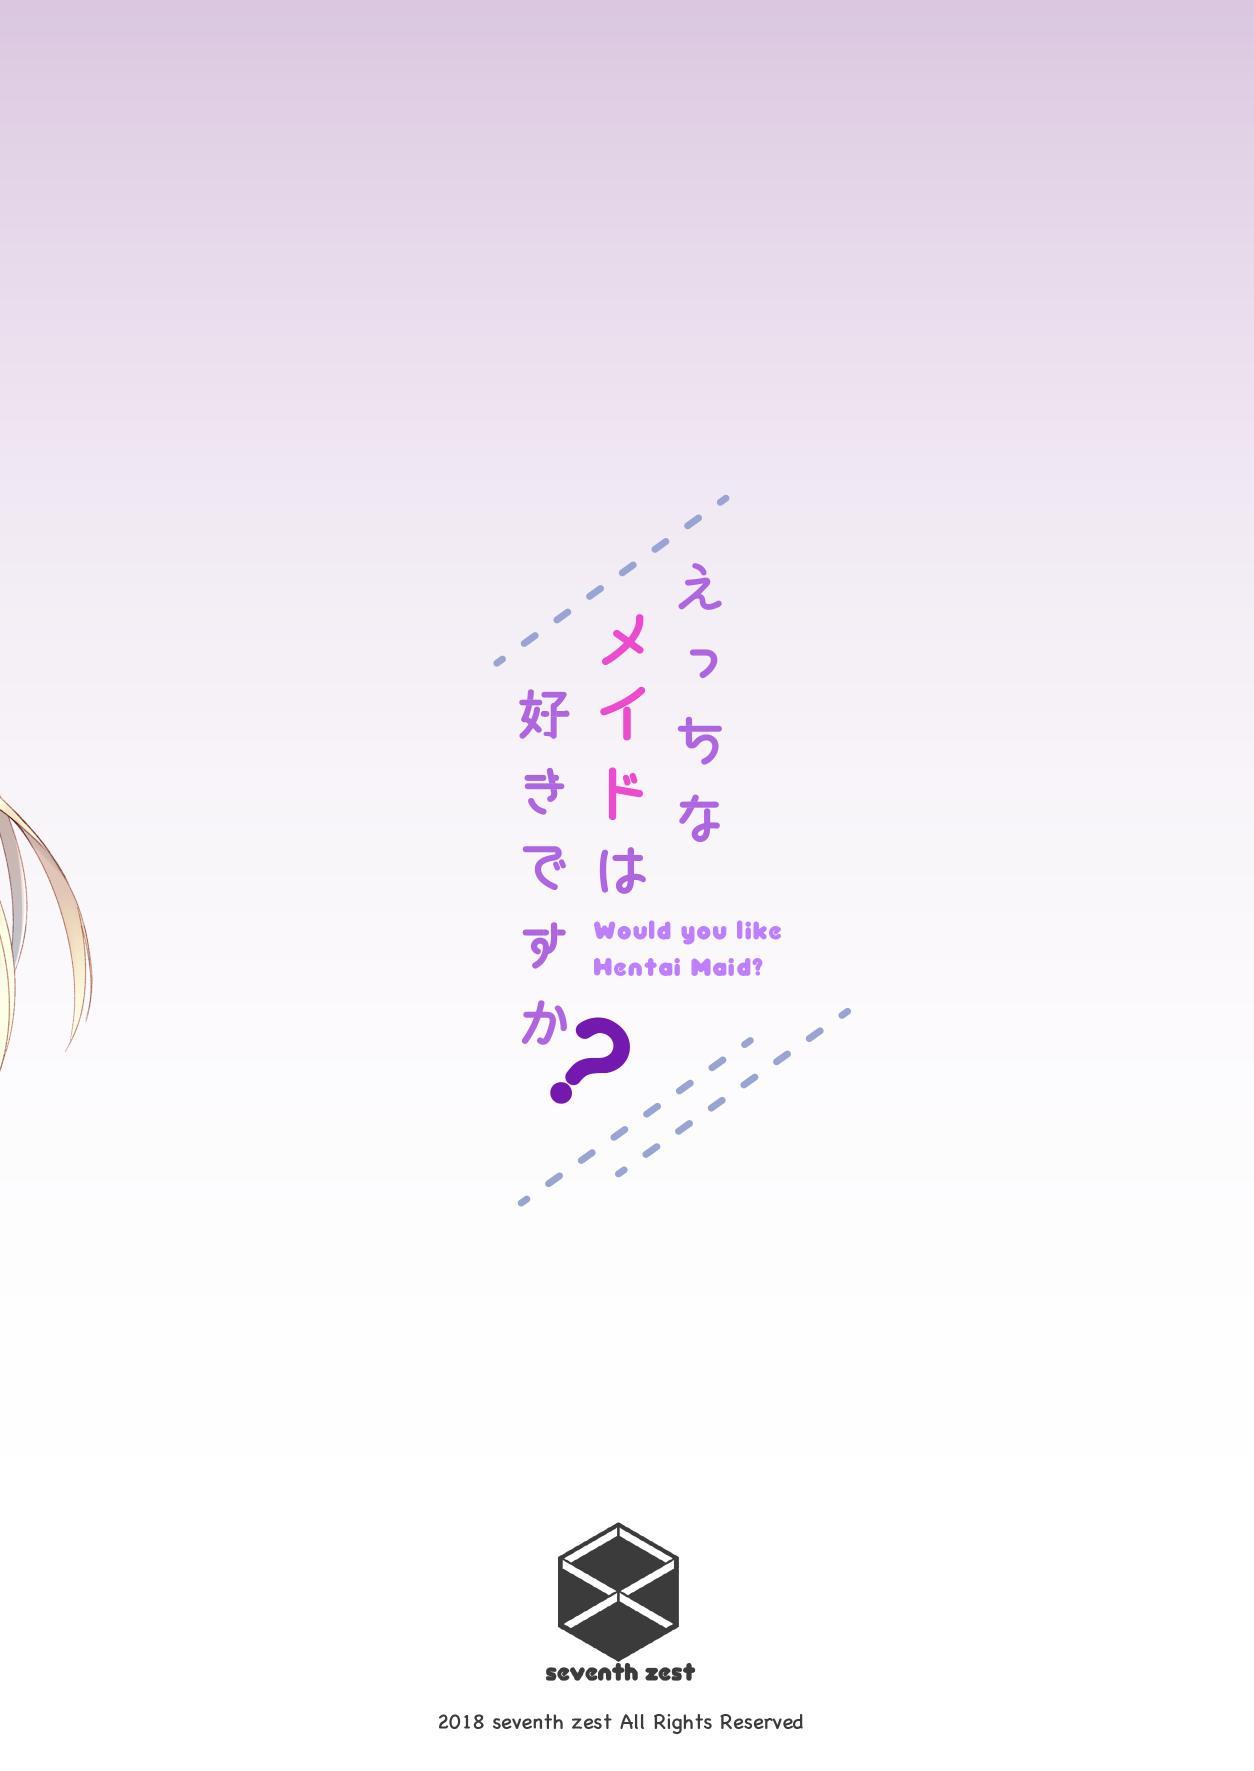 Ecchi na Maid wa Suki desu ka? - Woud you like Hentai Maid? 15